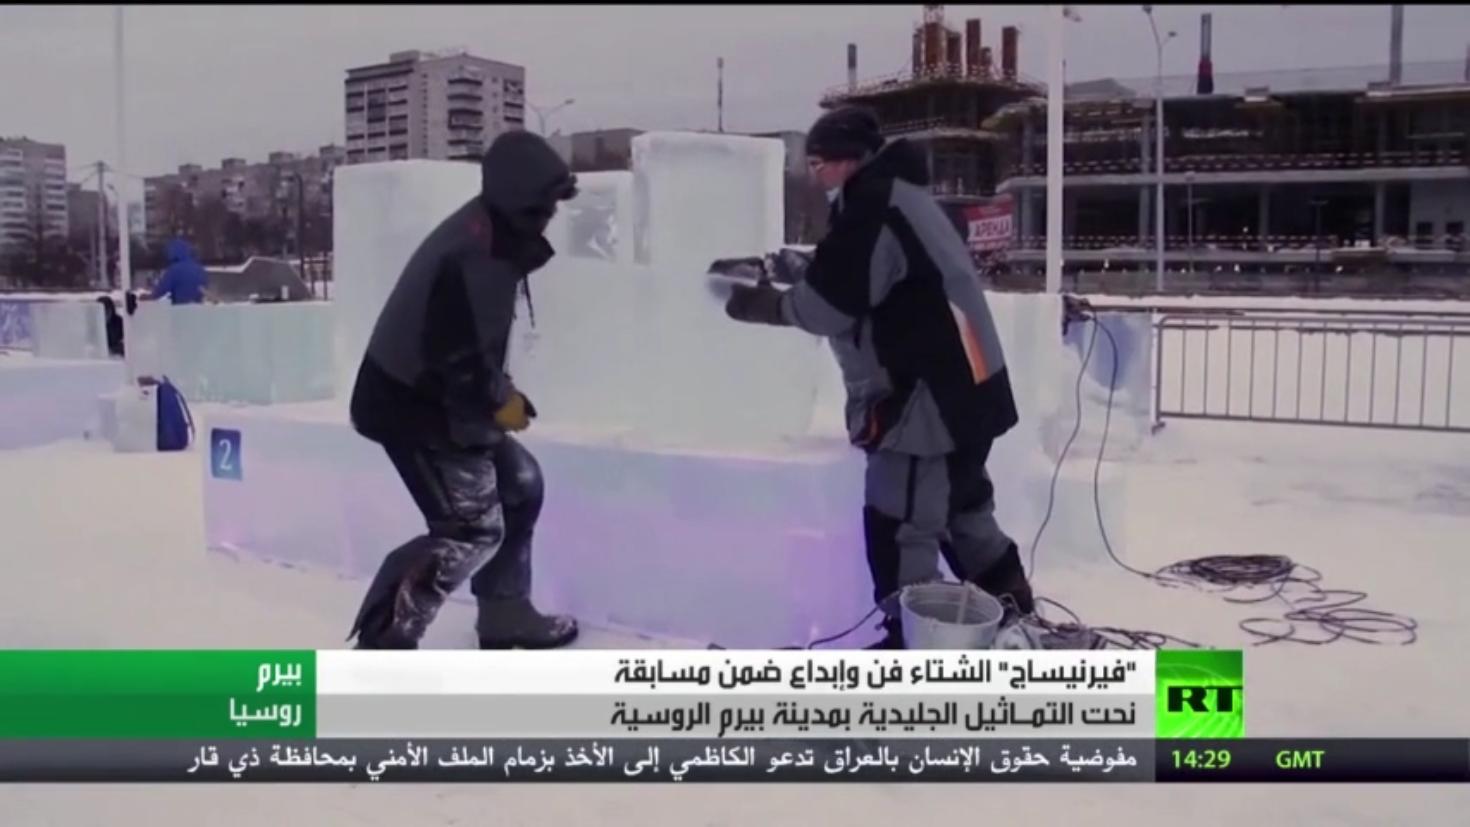 مسابقة نحت تماثيل الجليد بمدينة بيرم الروسية